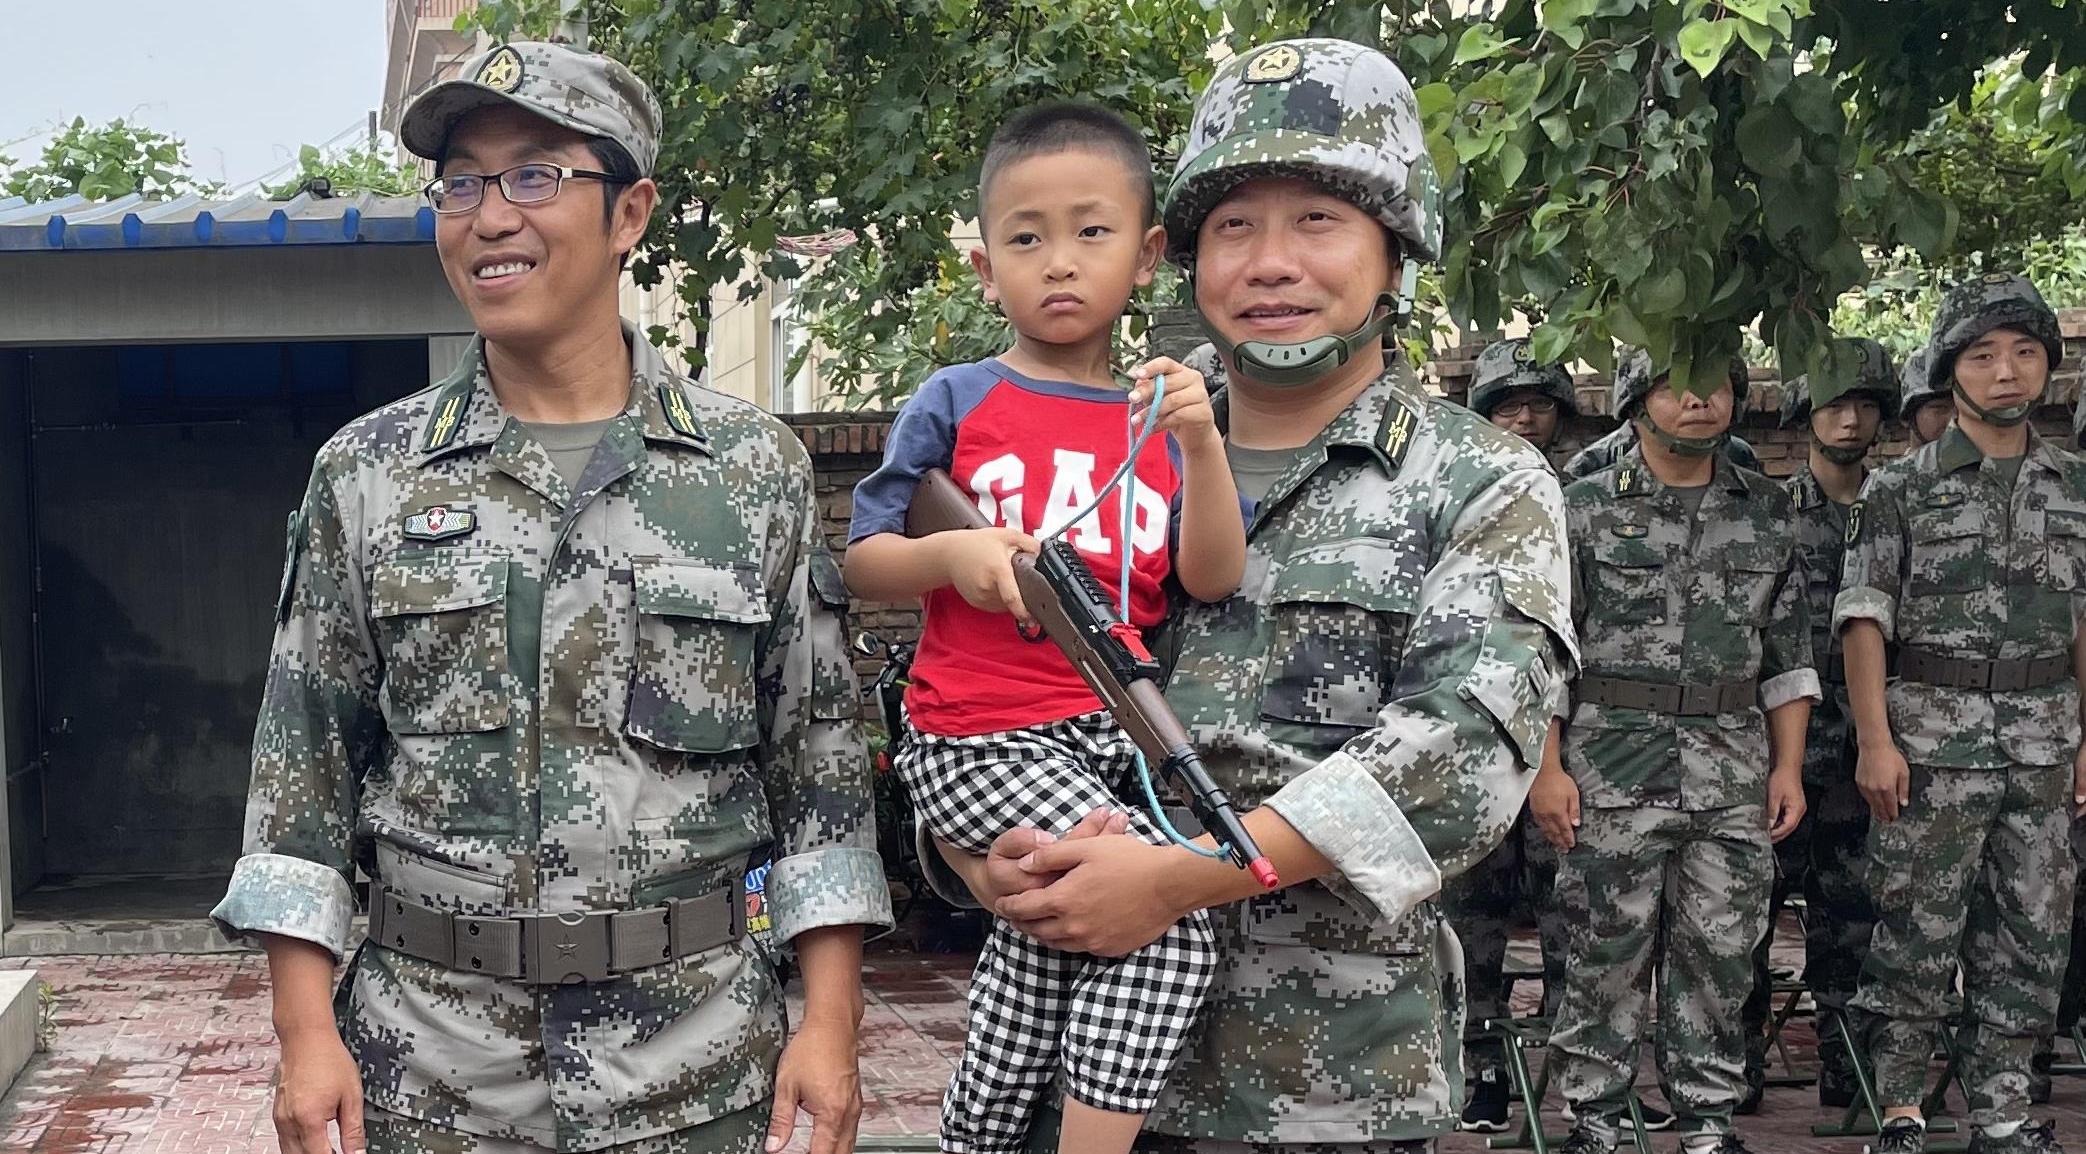 宝鸡:孩子左脚卷入自行车后轮 两位民兵战士及时出手相助